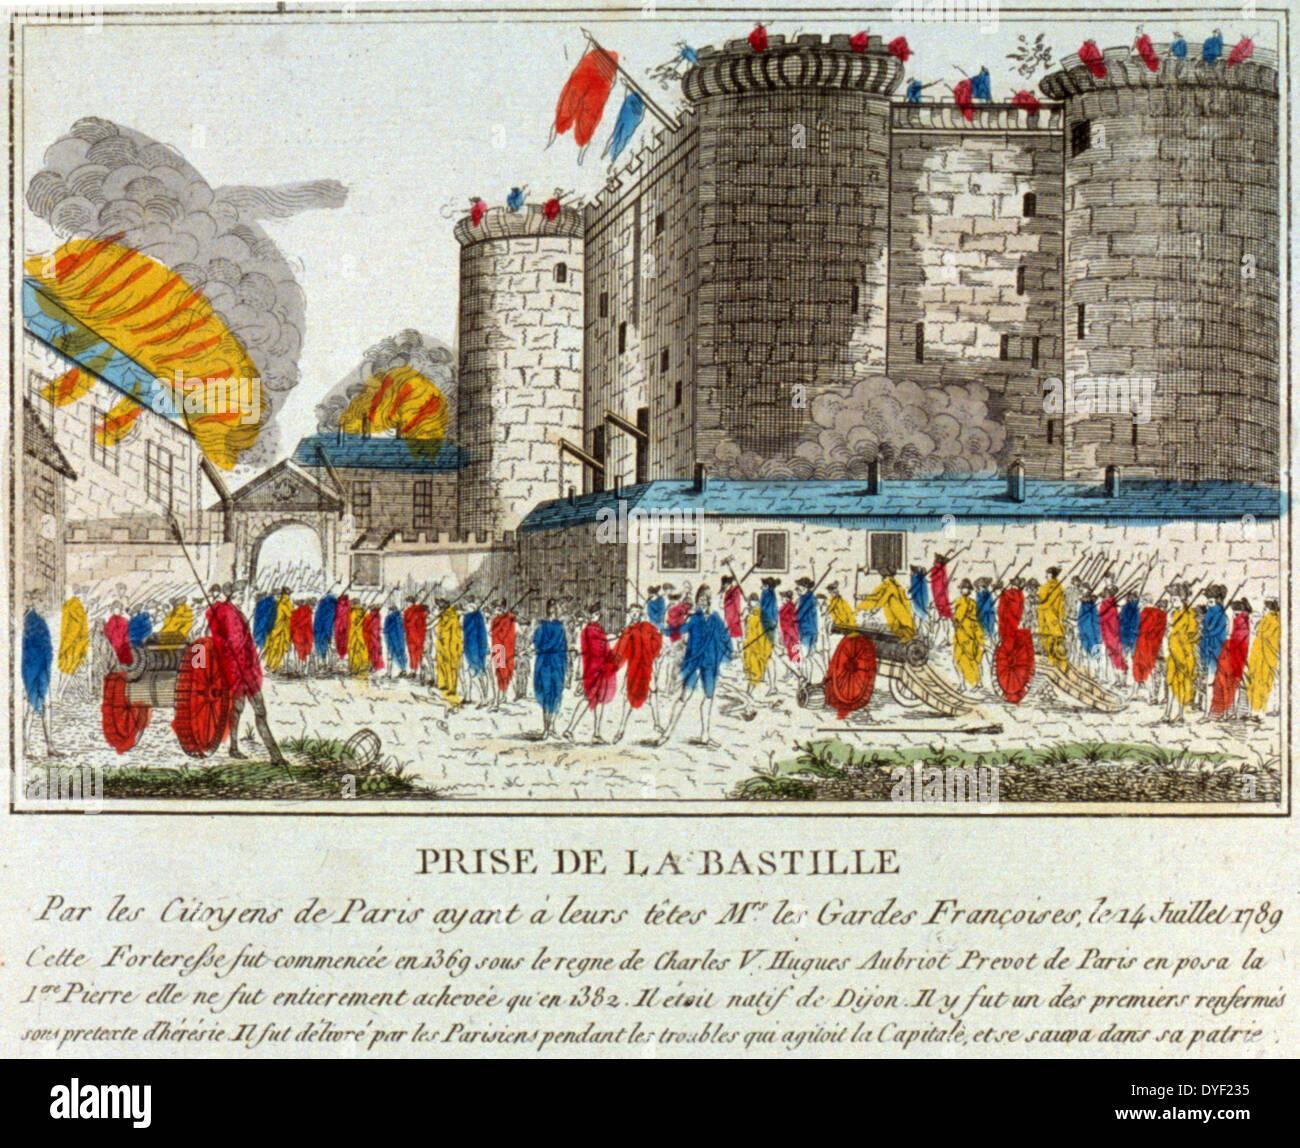 Prise de la Bastille par les Citoyens de Paris; C'est ainsi que l'on punit les traitres 1789. - Stock Image